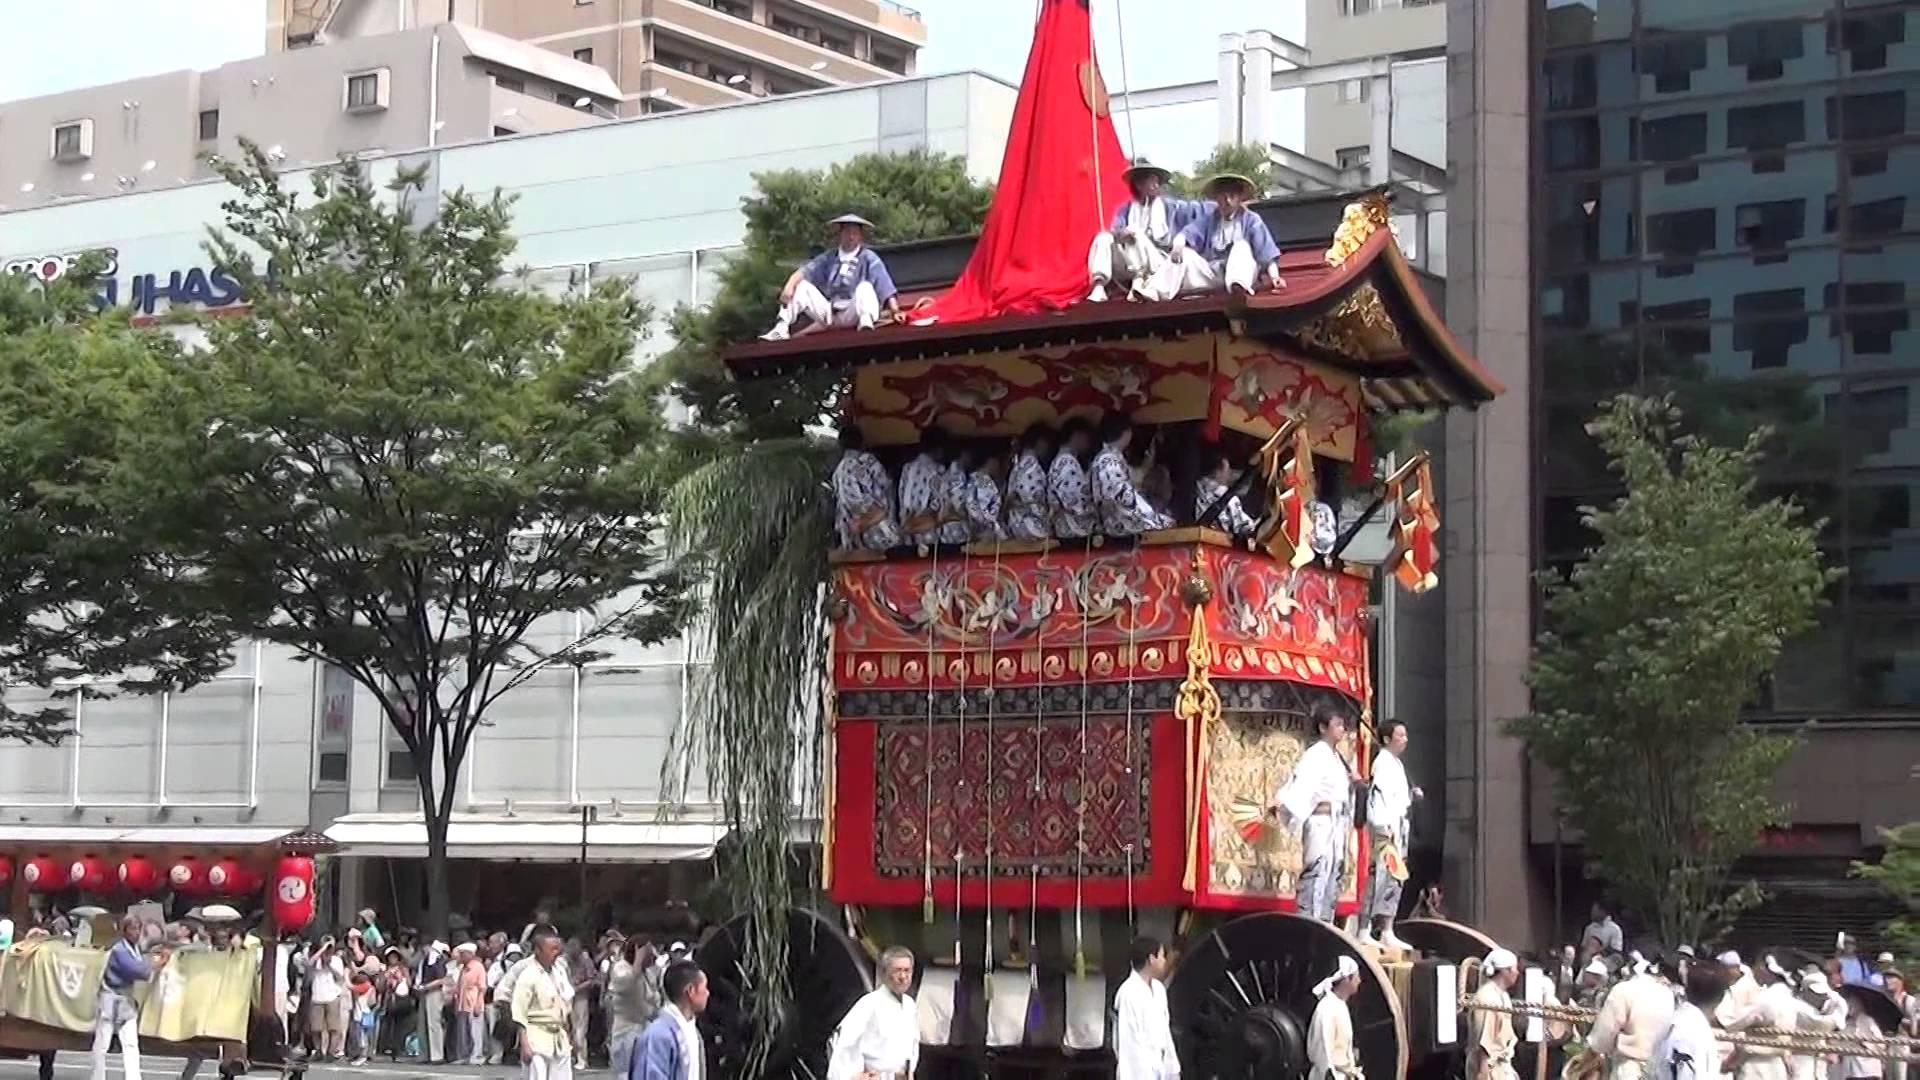 祇園祭で49年ぶりに復活した「後祭」の山鉾巡行をゆっくり見物